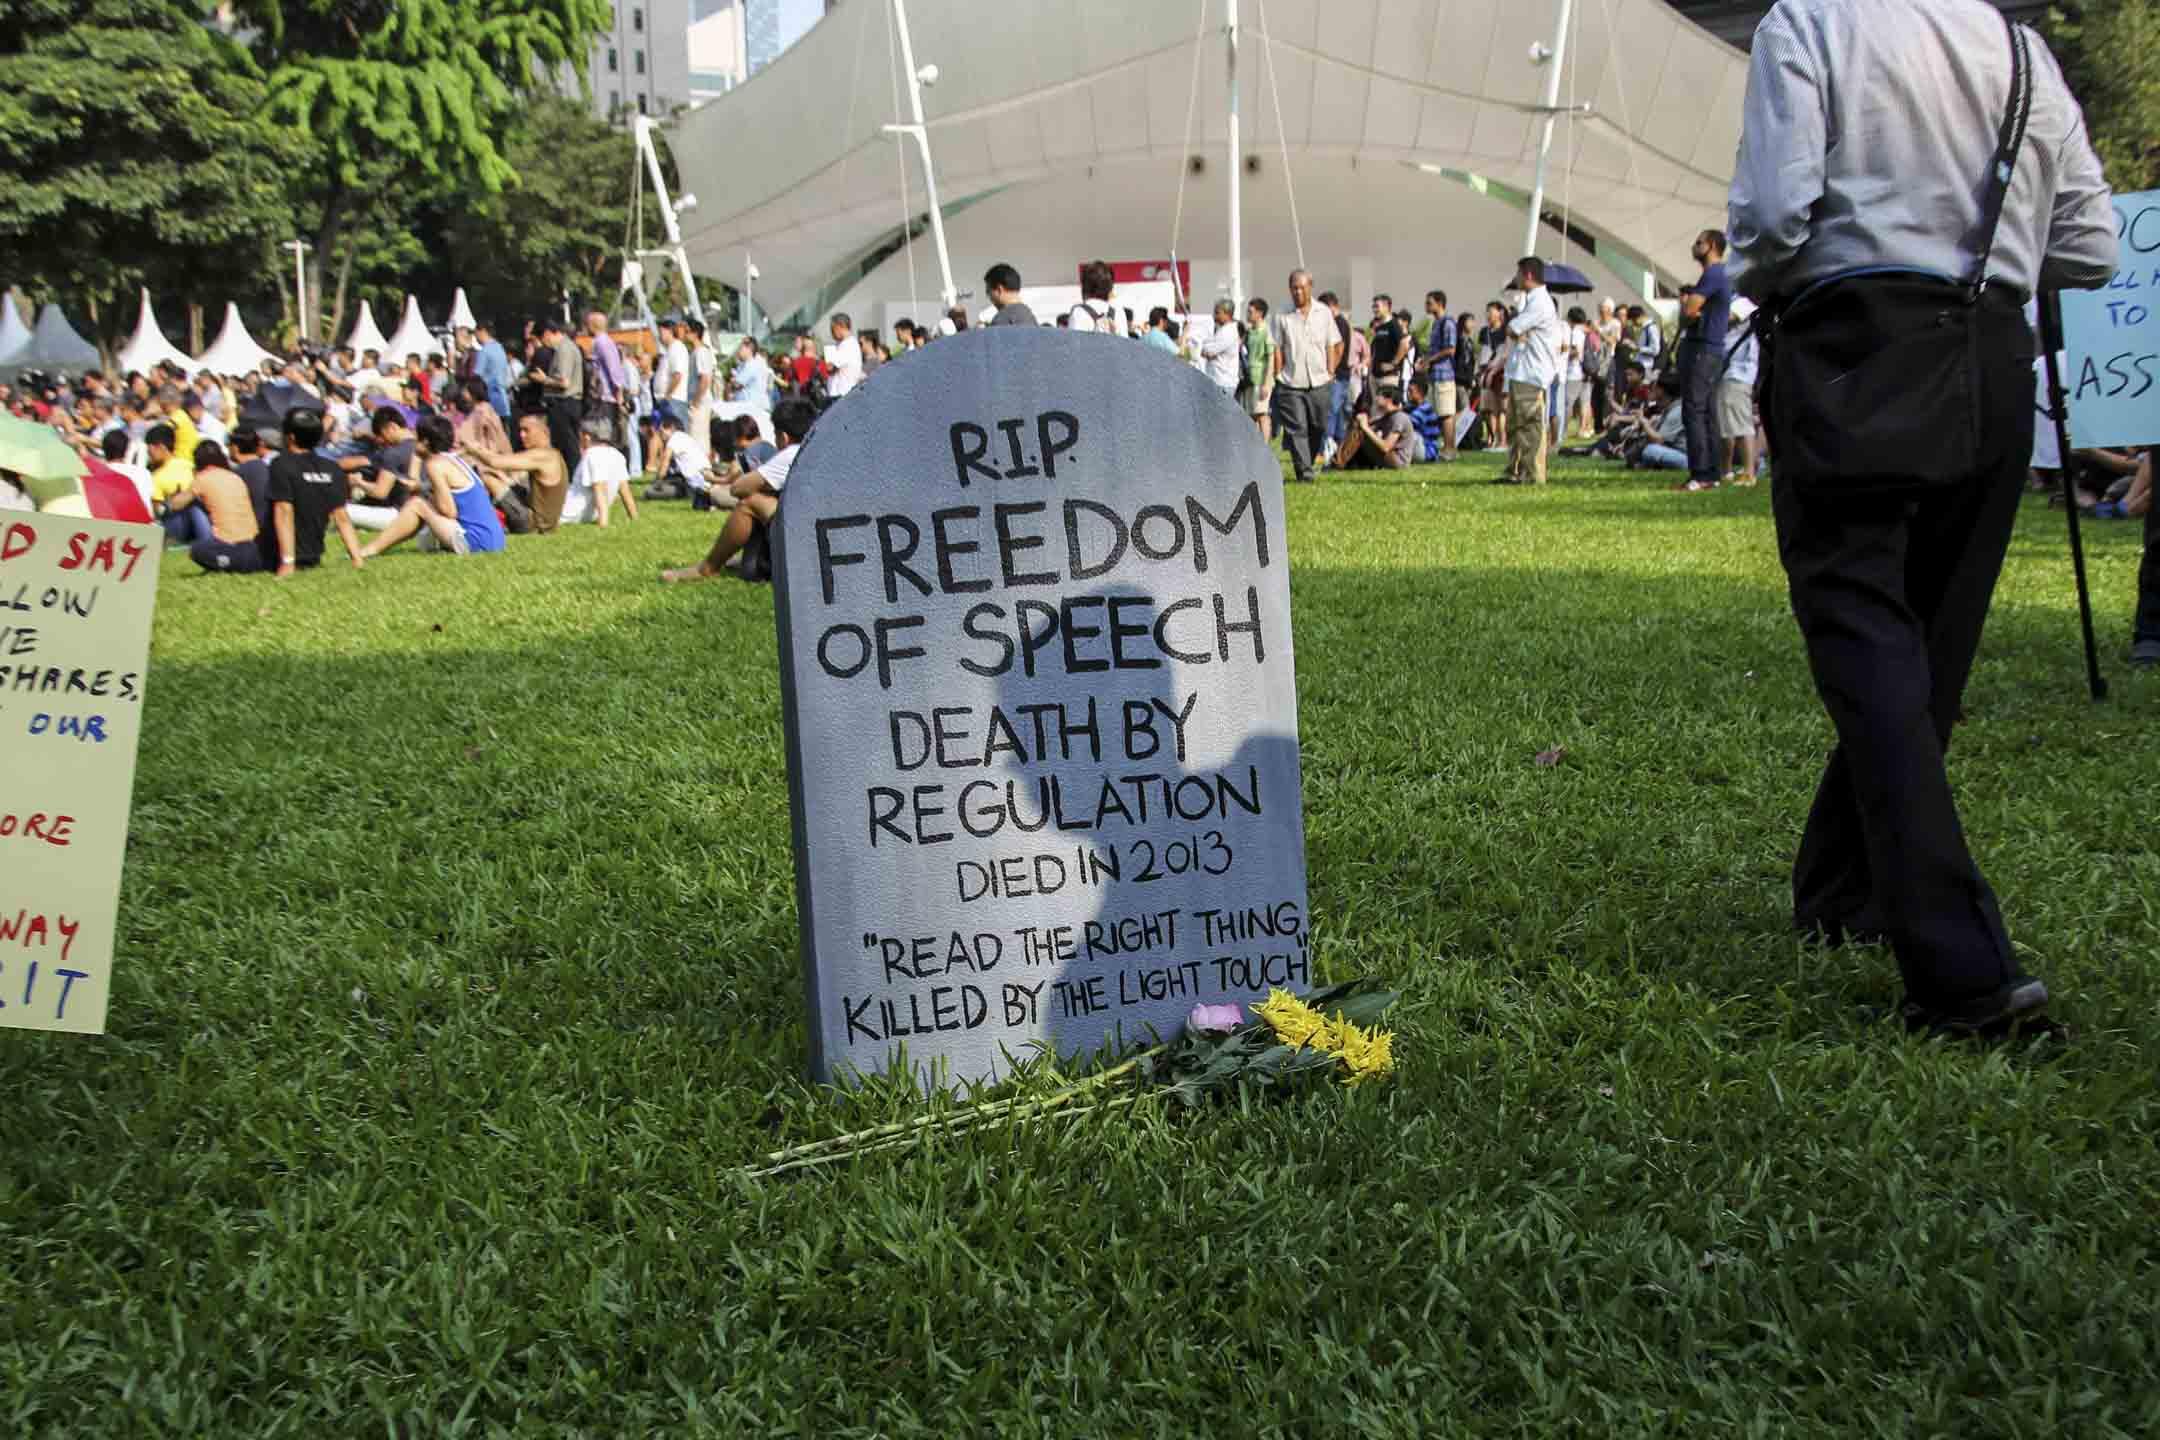 2013年6月8日,約千名市民在芳林公園舉行集會,抗議新加坡政府對新聞網站的管制,鉗制言論自由。 攝:Wong Maye-E/AP/達志影像